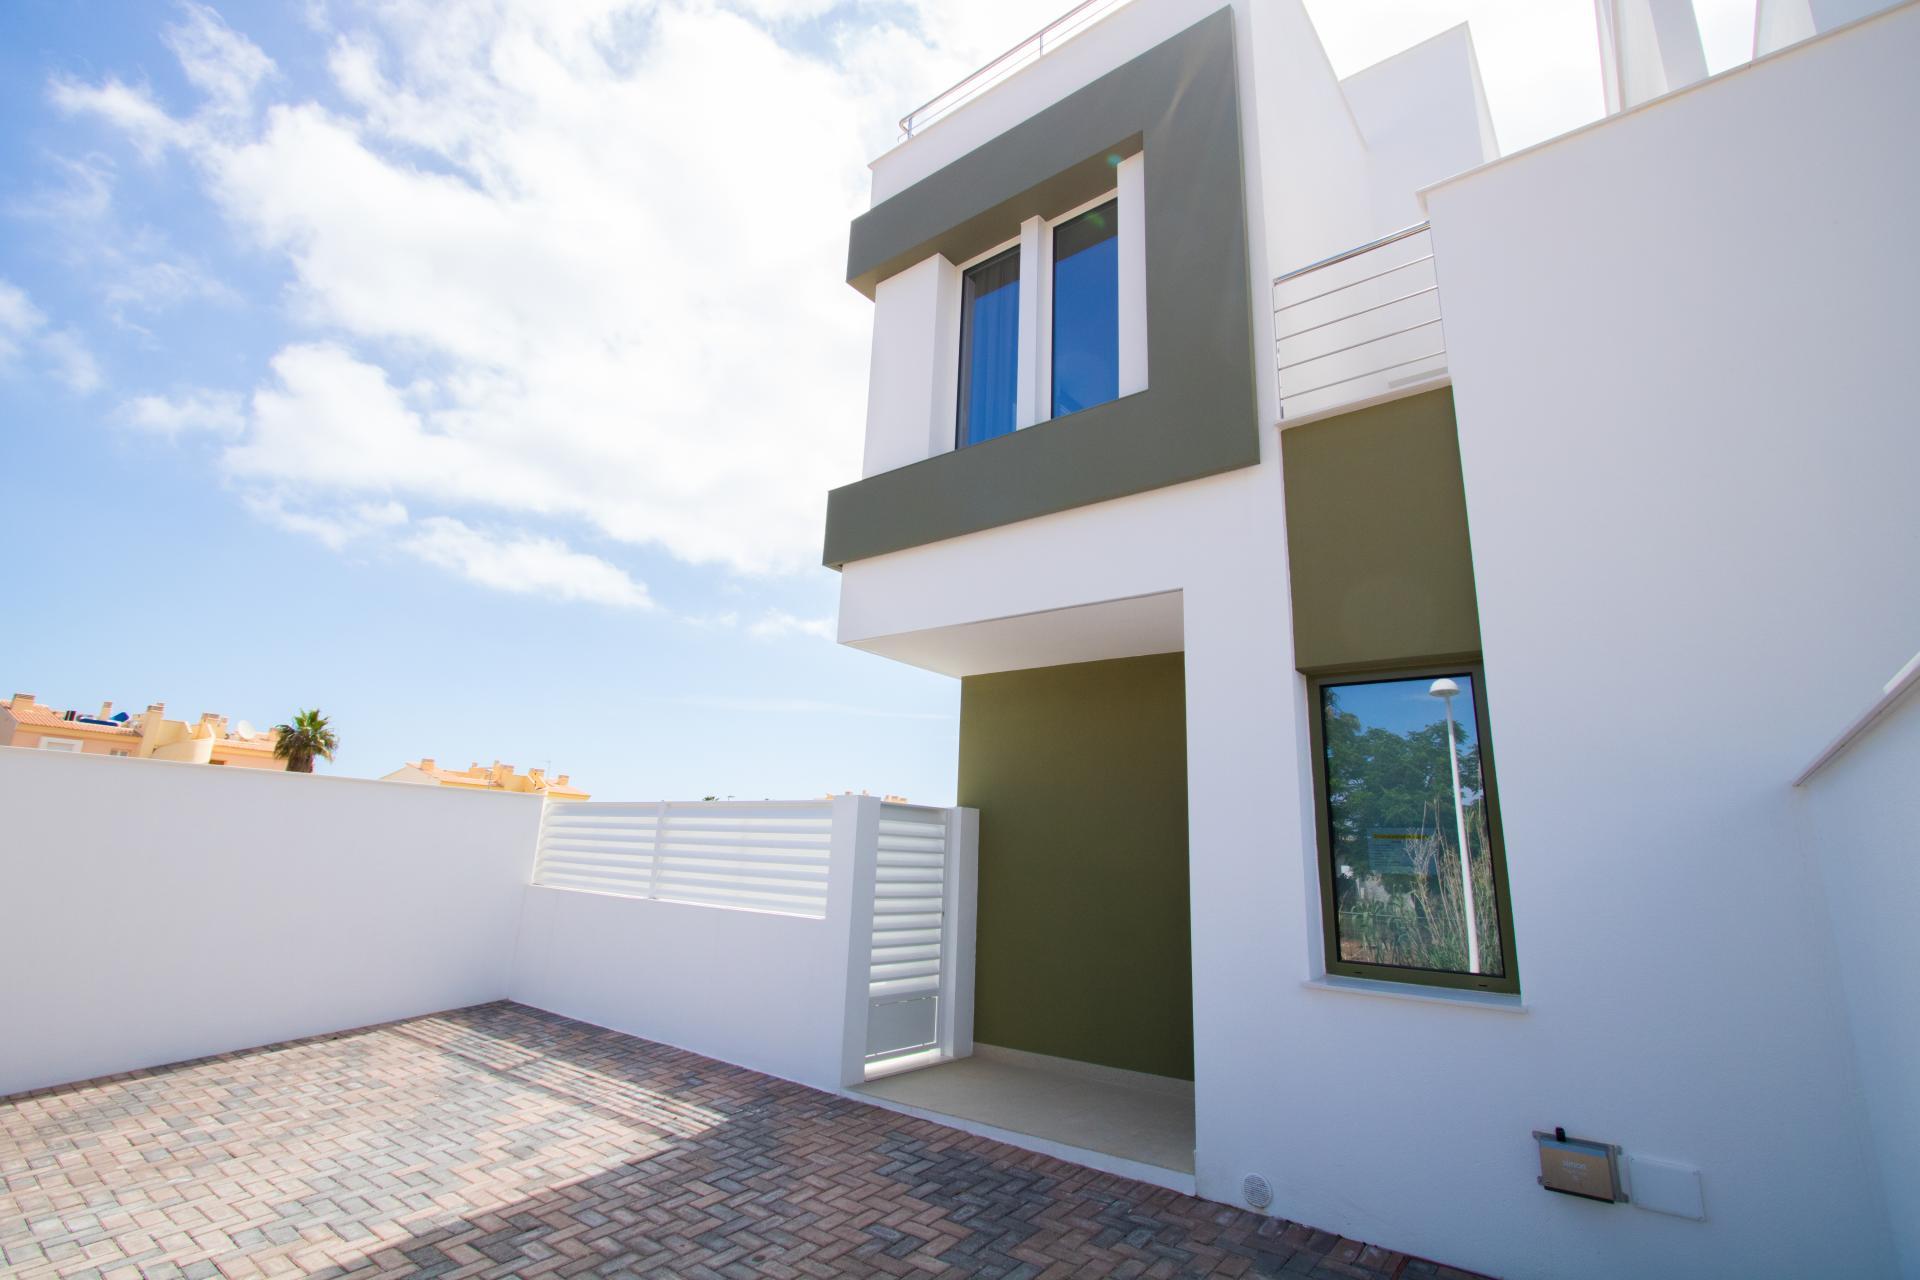 2 Slaapkamer Geschakelde woningen in Denia - Nieuwbouw in Medvilla Spanje